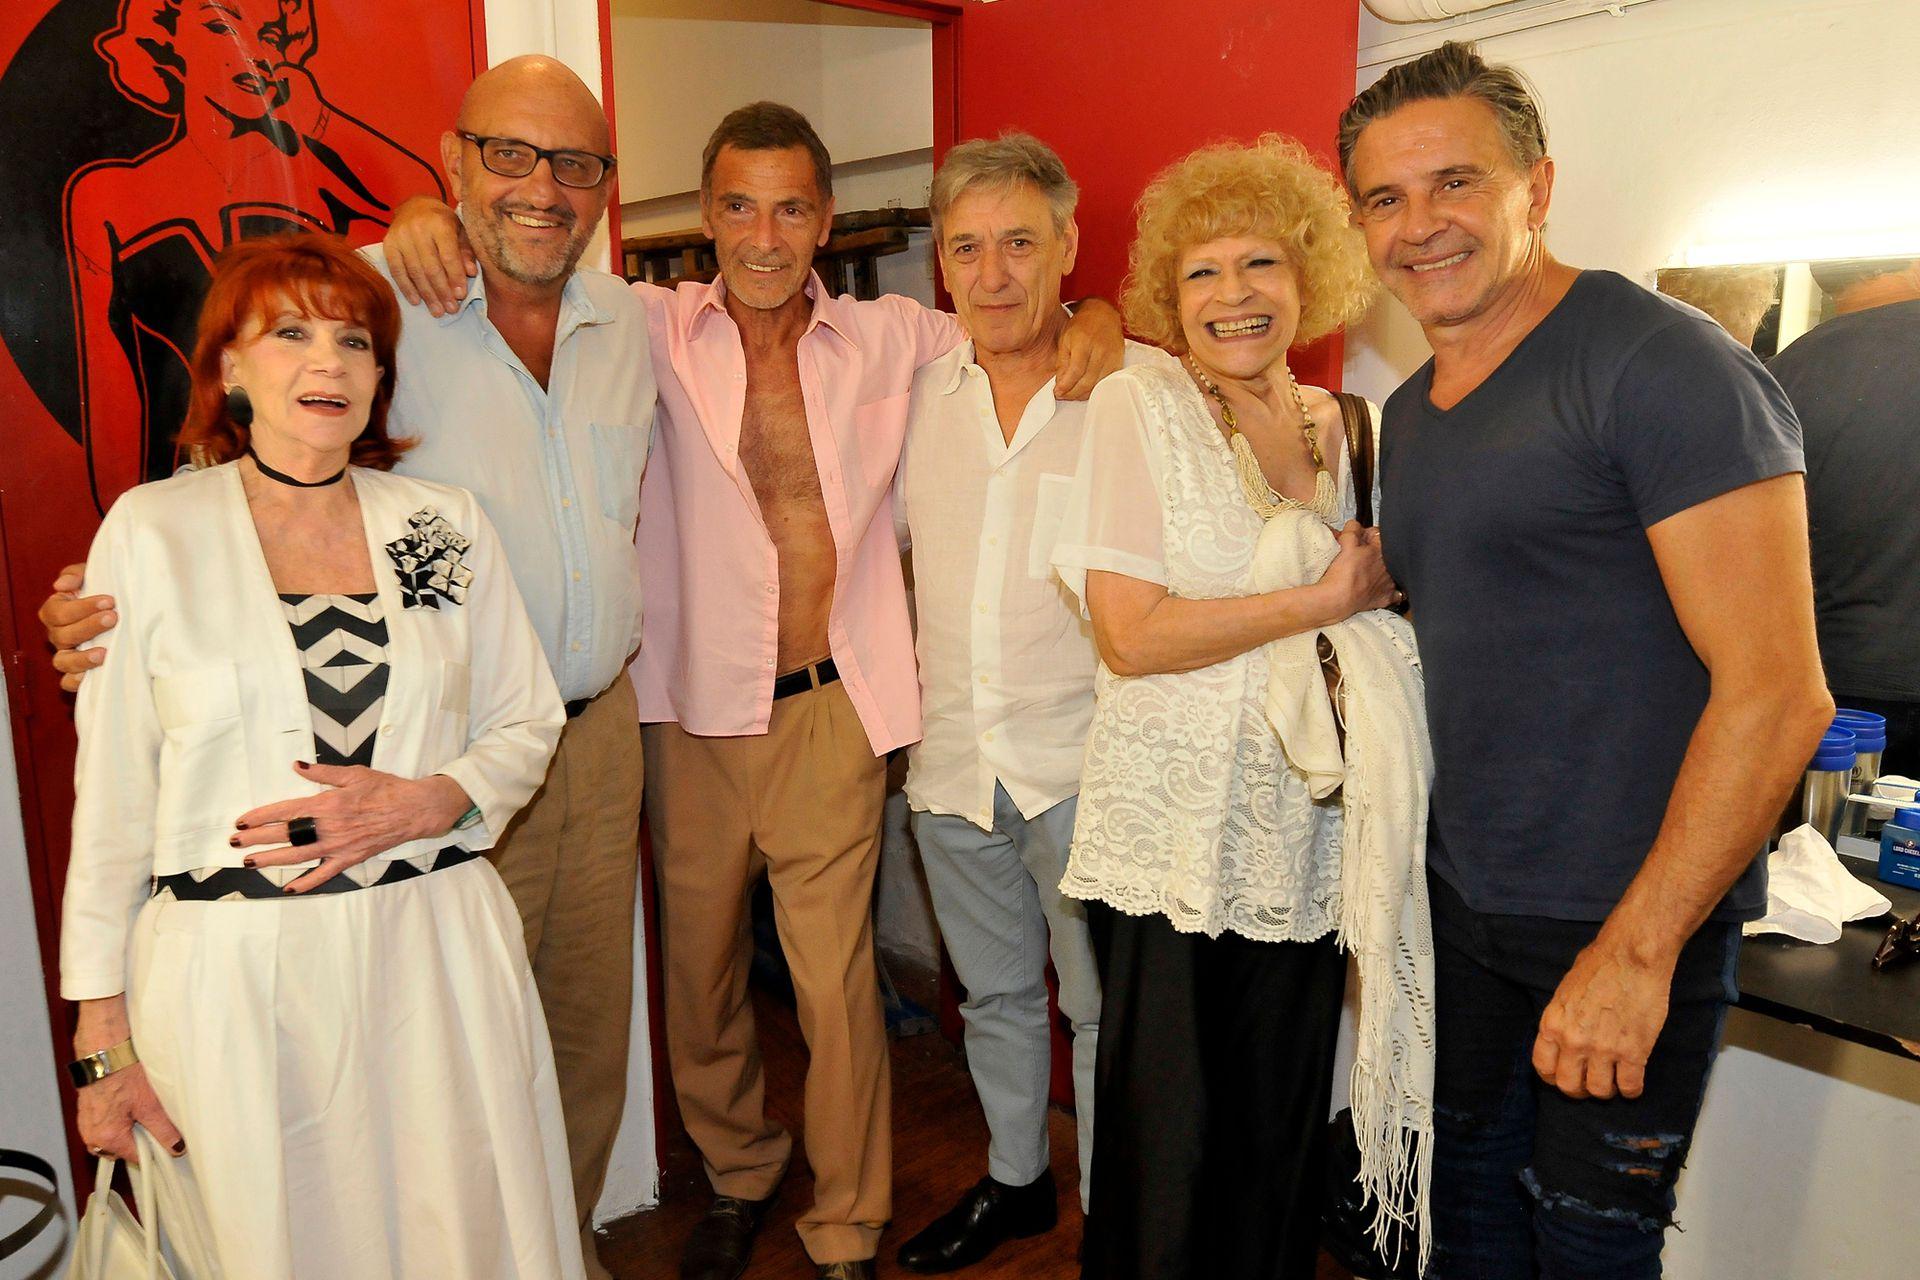 En los camarines. El elenco de Rotos de amor, que se presenta en el teatro Picadilly, también recibió a amigos